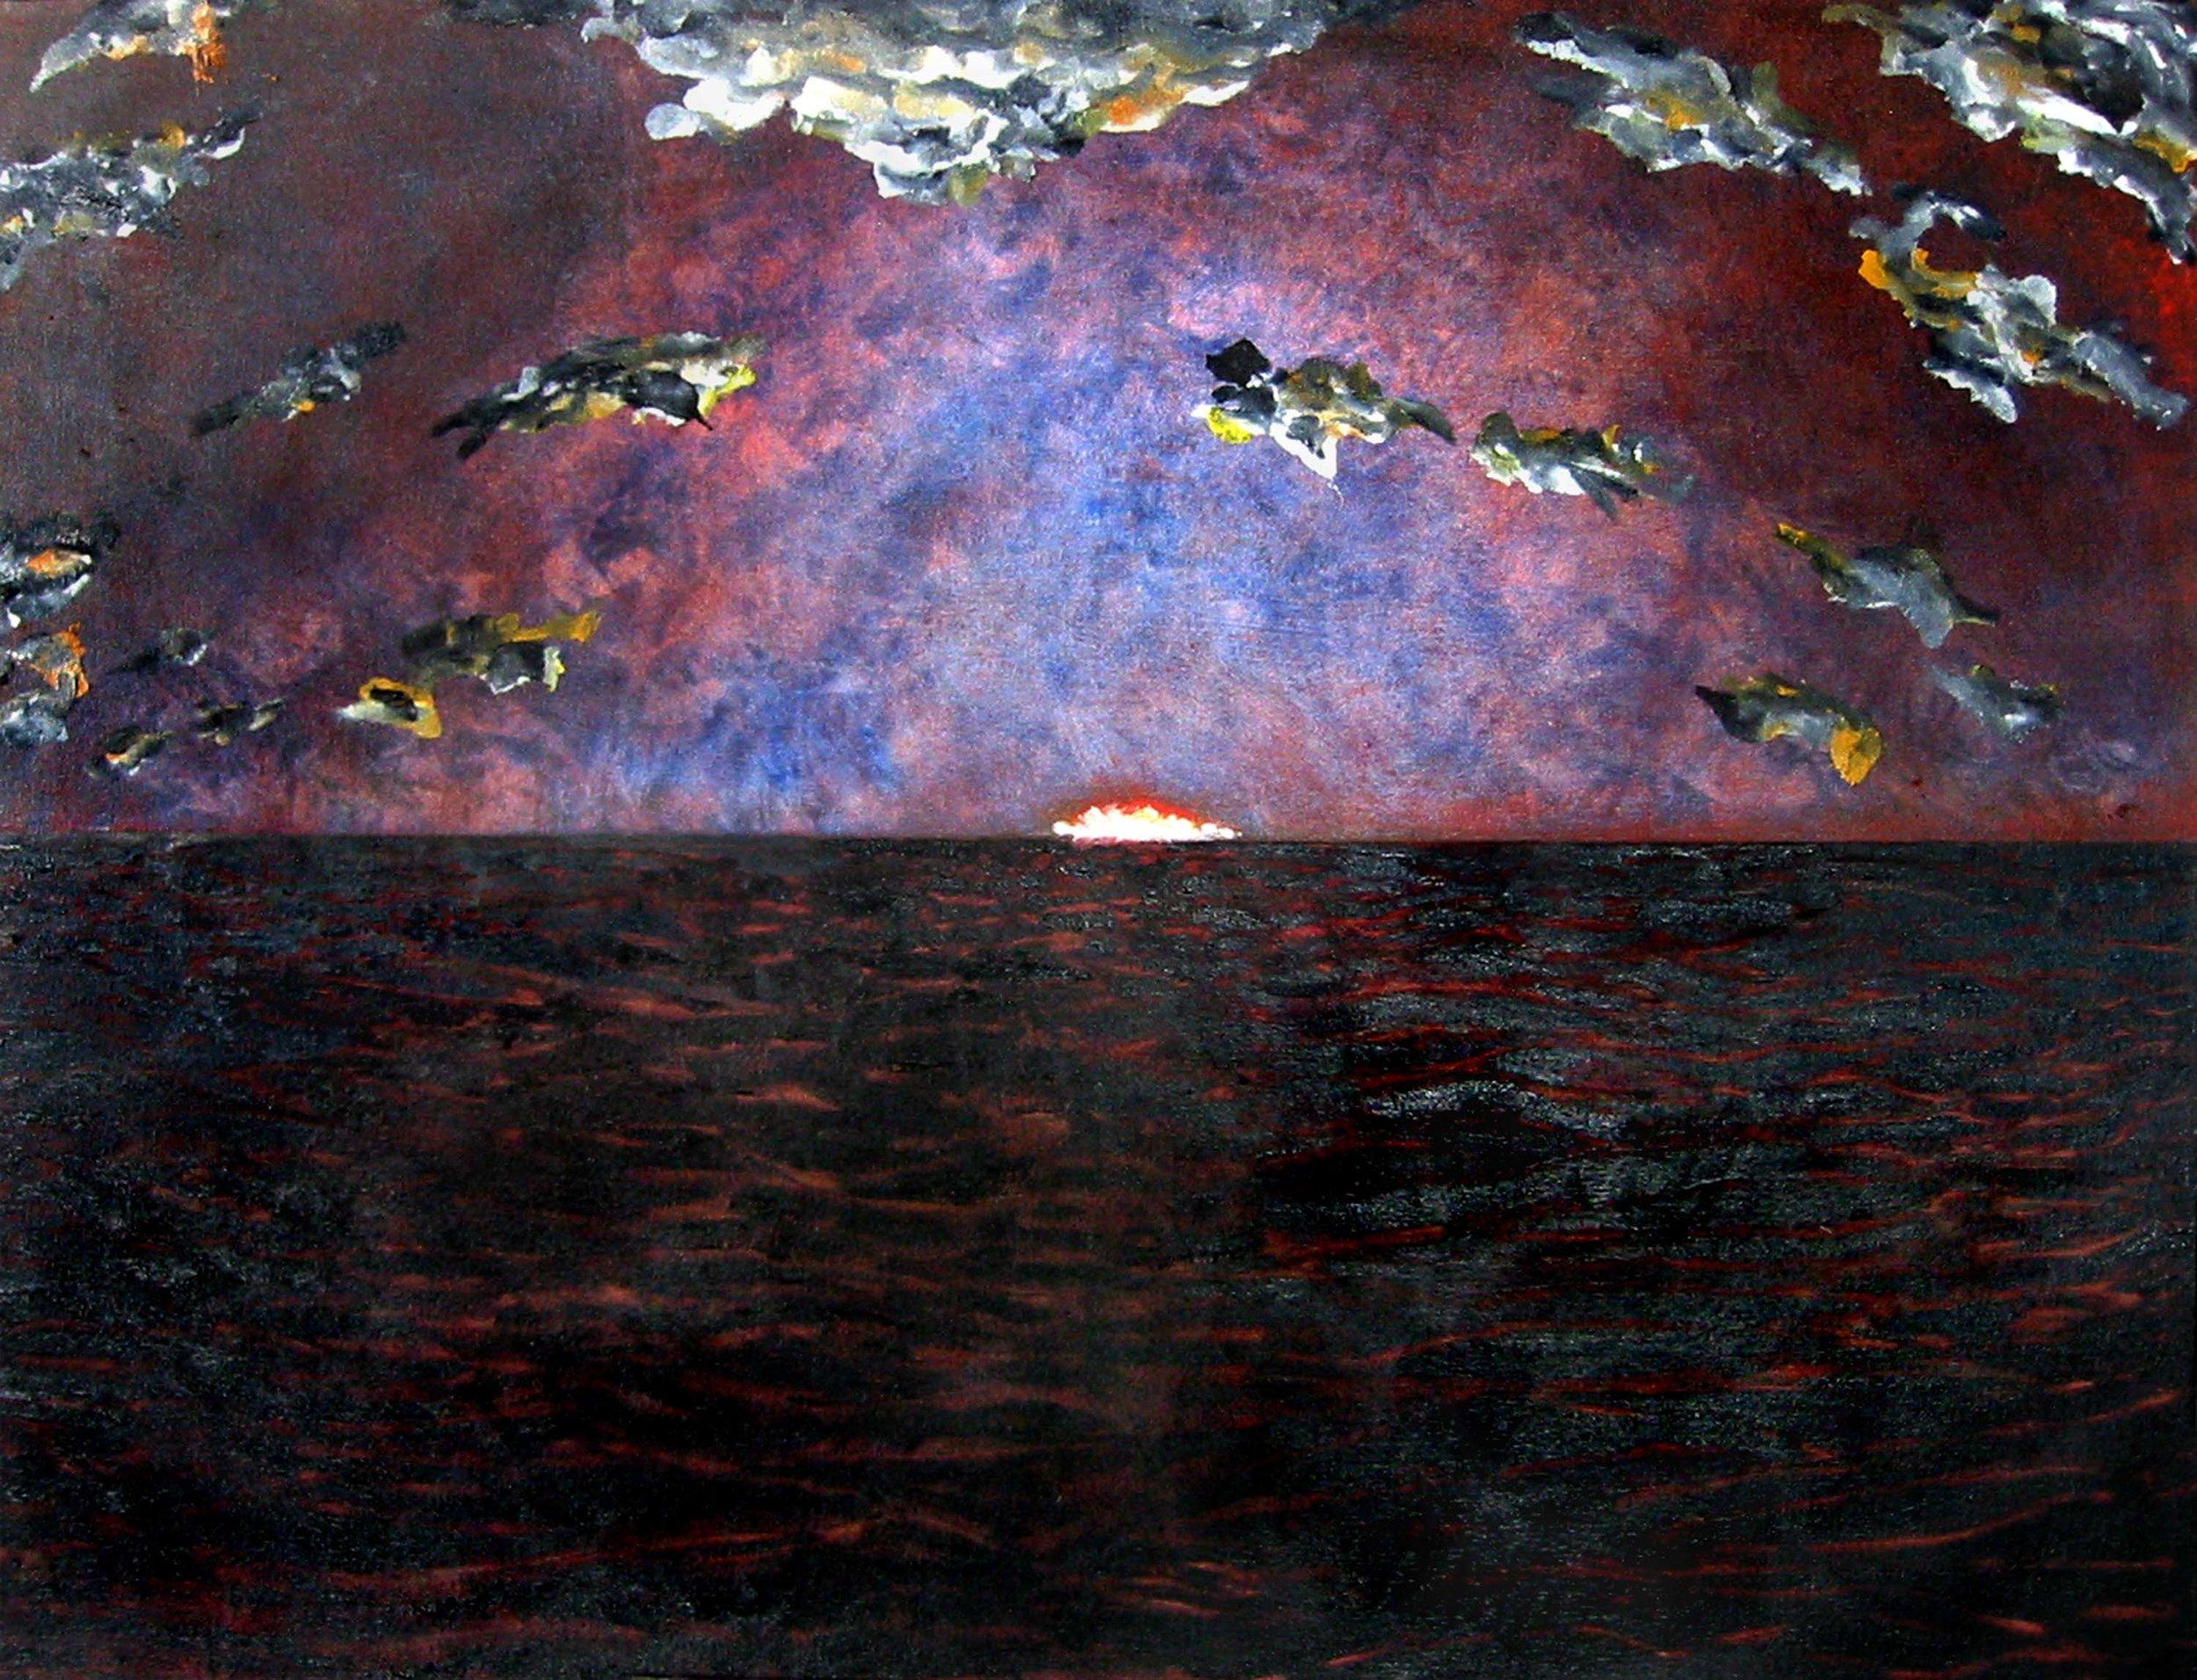 Drame en mer No 2 , circa 2007, huile sur toile / oil on canvas